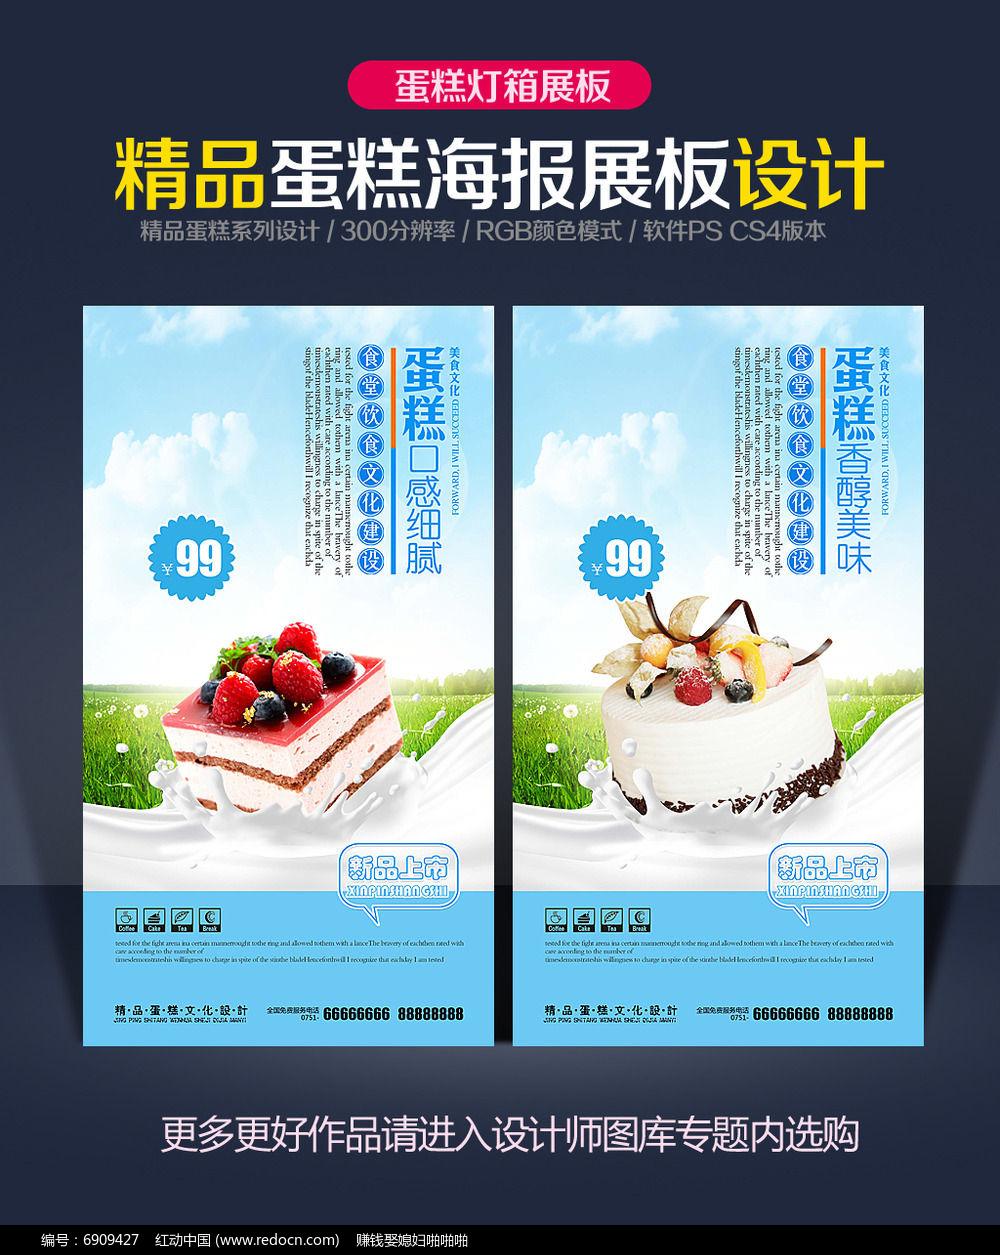 蛋糕系列人和海报设计PSD素材下载_海报设计河南省蓝色景观设计有限公司图片